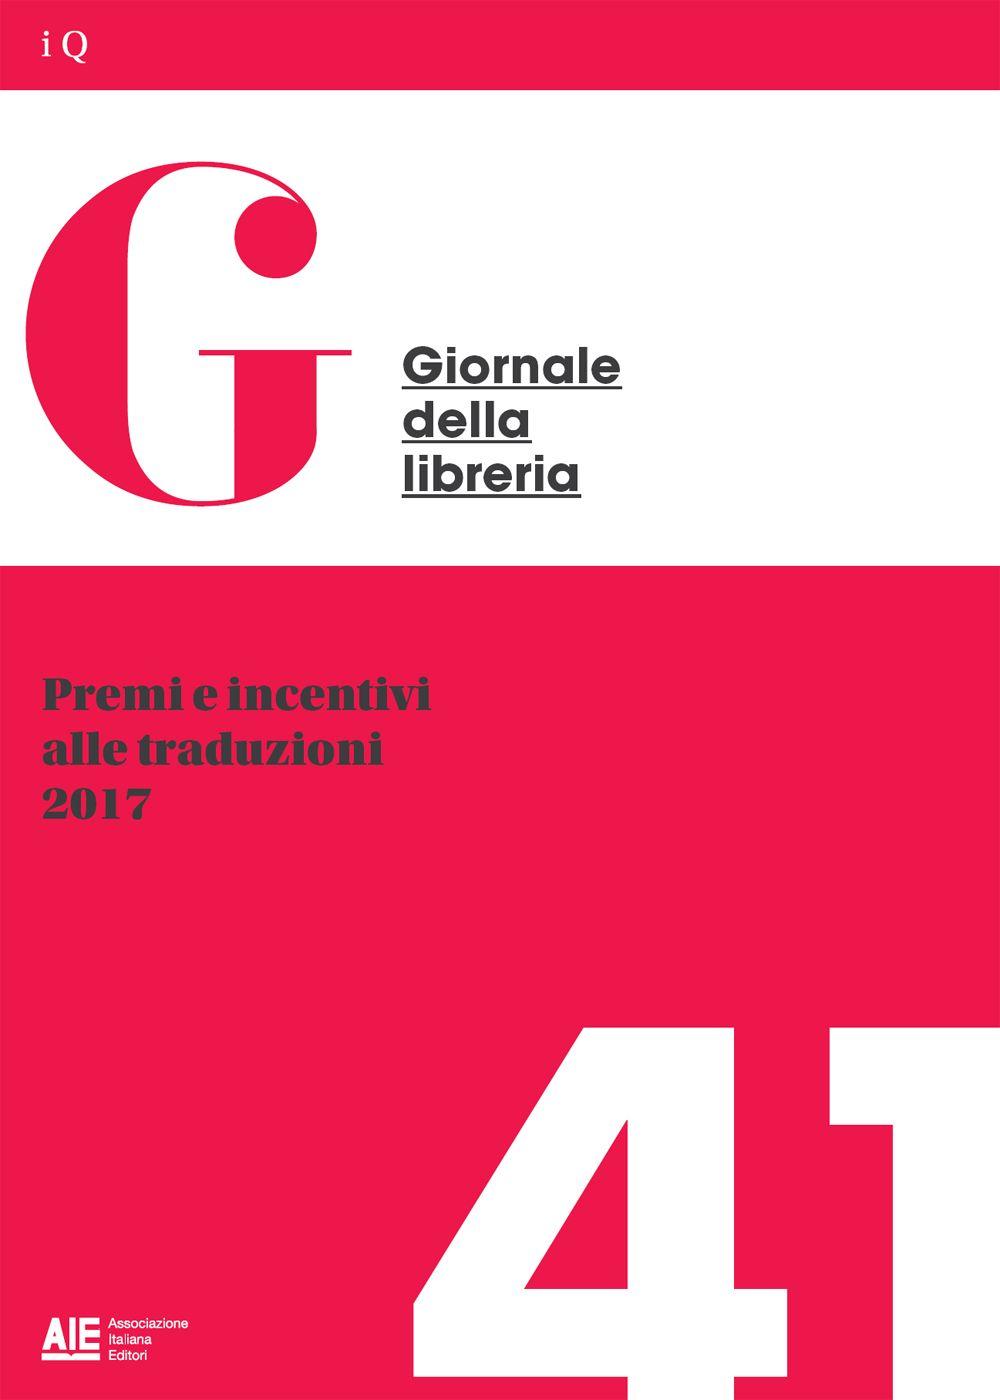 Premi e incentivi alle traduzioni 2017